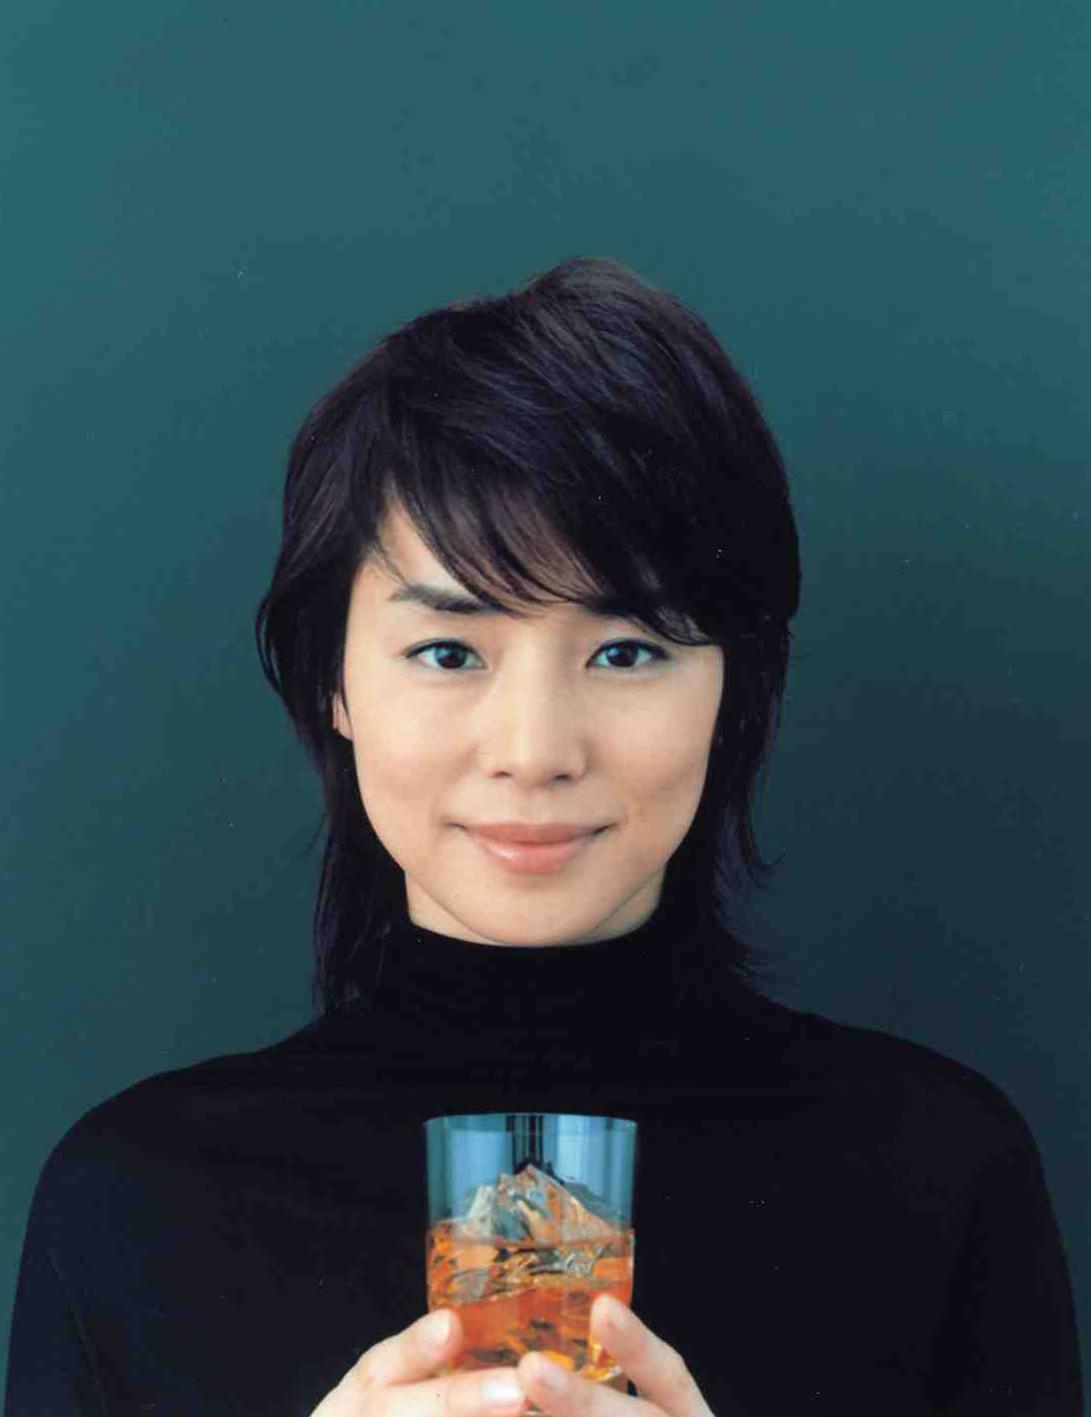 同世代の憧れ!年齢を重ねるごとに美しくなる石田ゆり子さん画像集のサムネイル画像